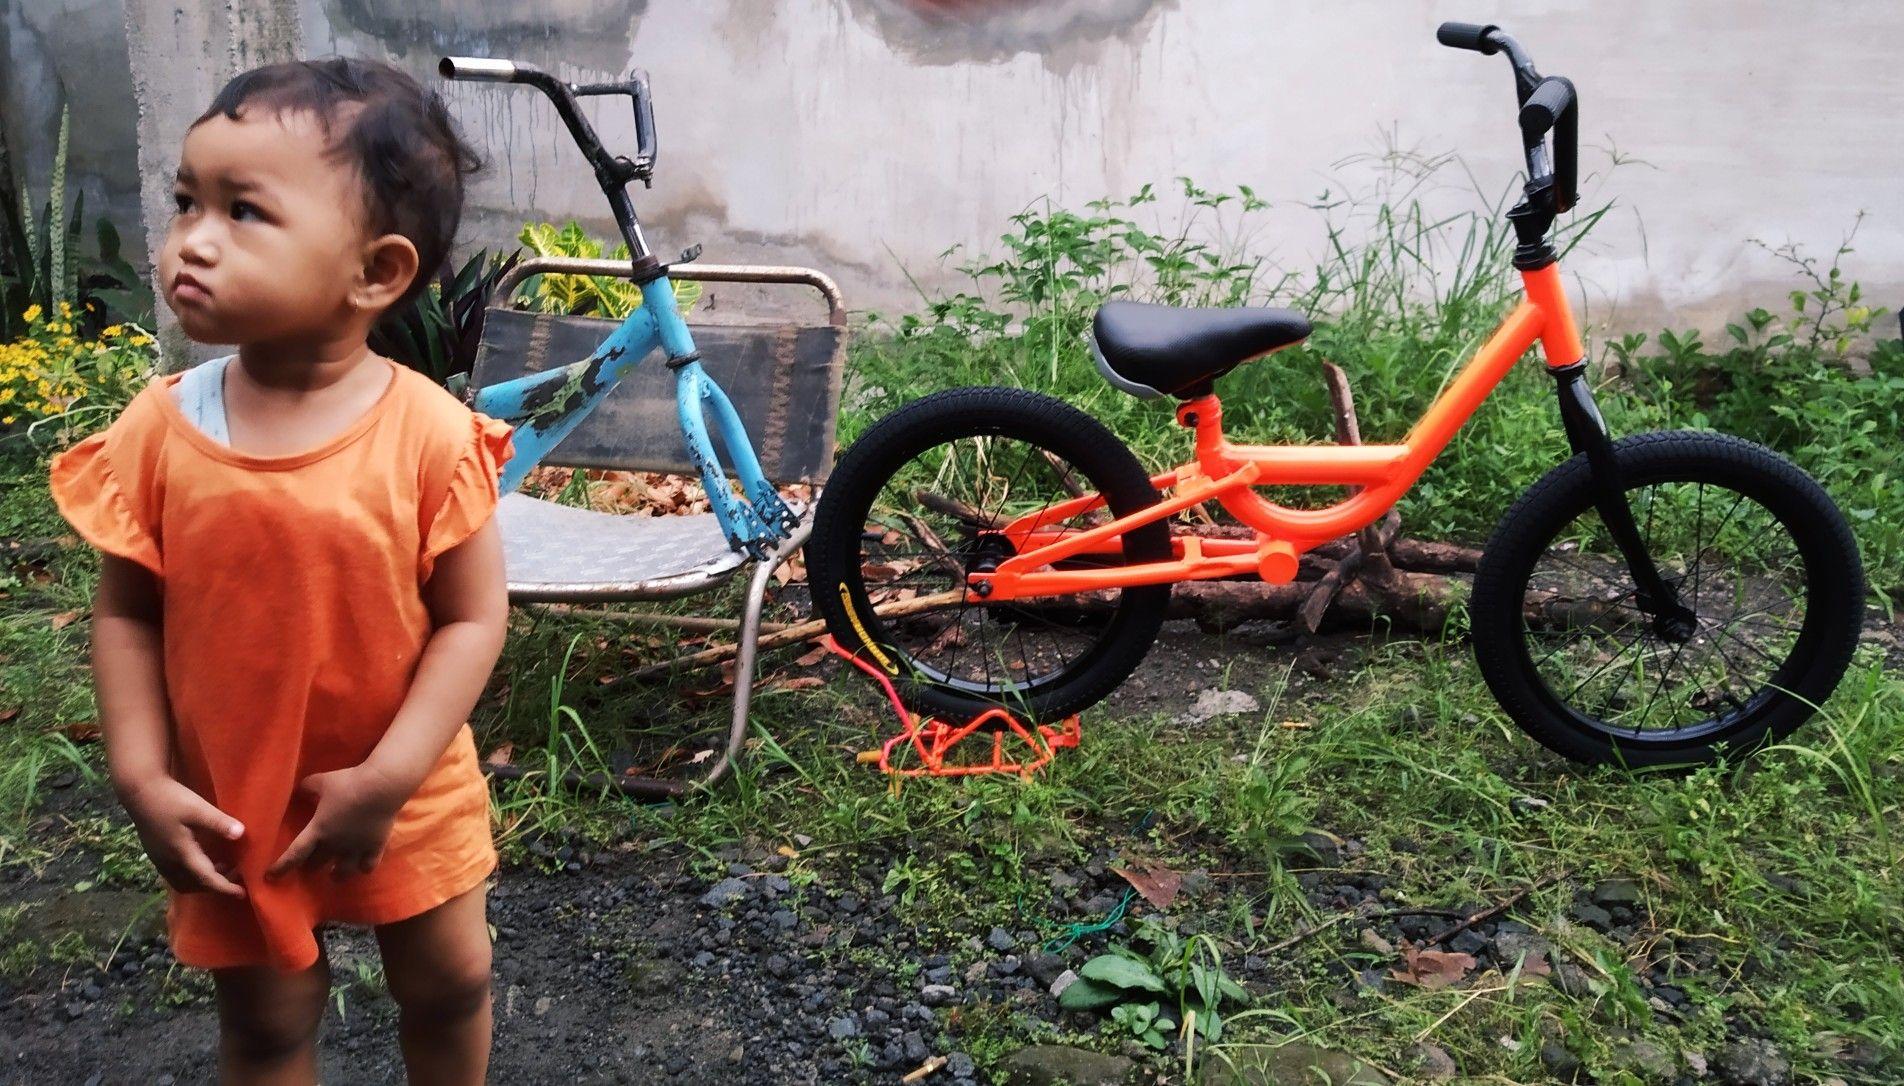 Pin Di Balance Bike Push Bike